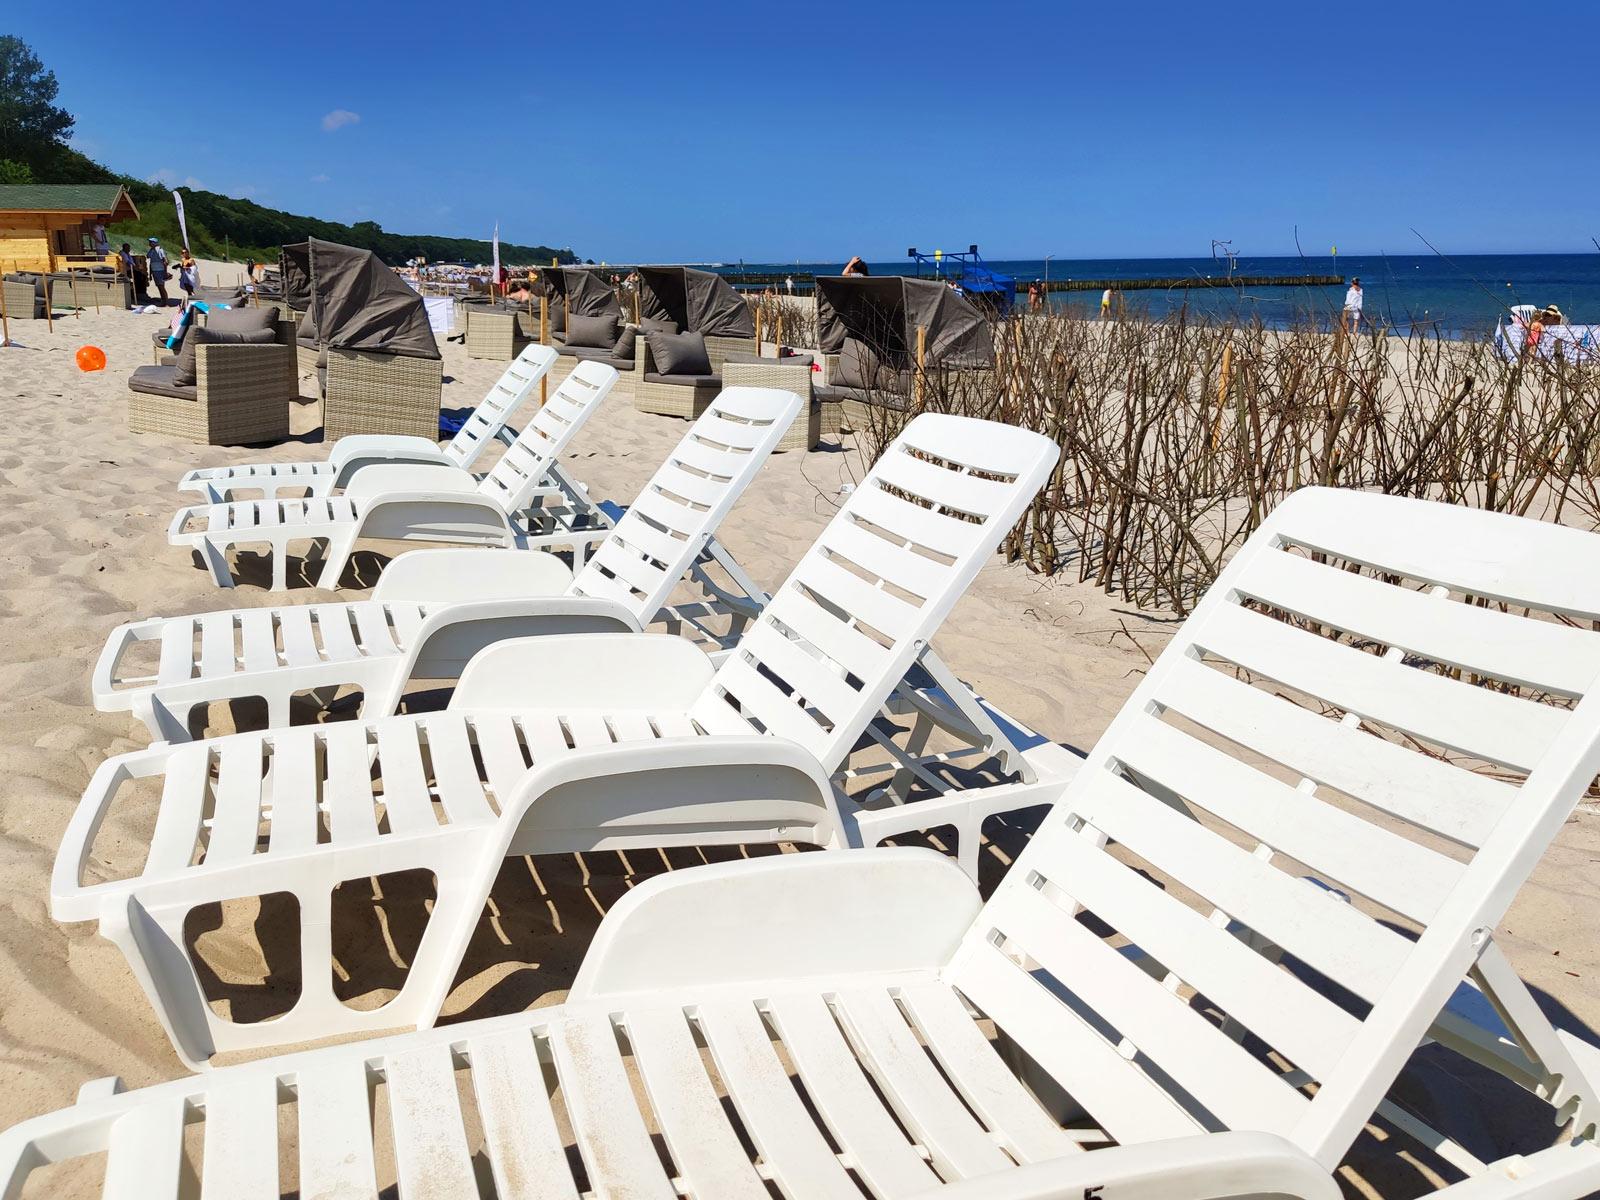 Leżaki na plaży nad morzem